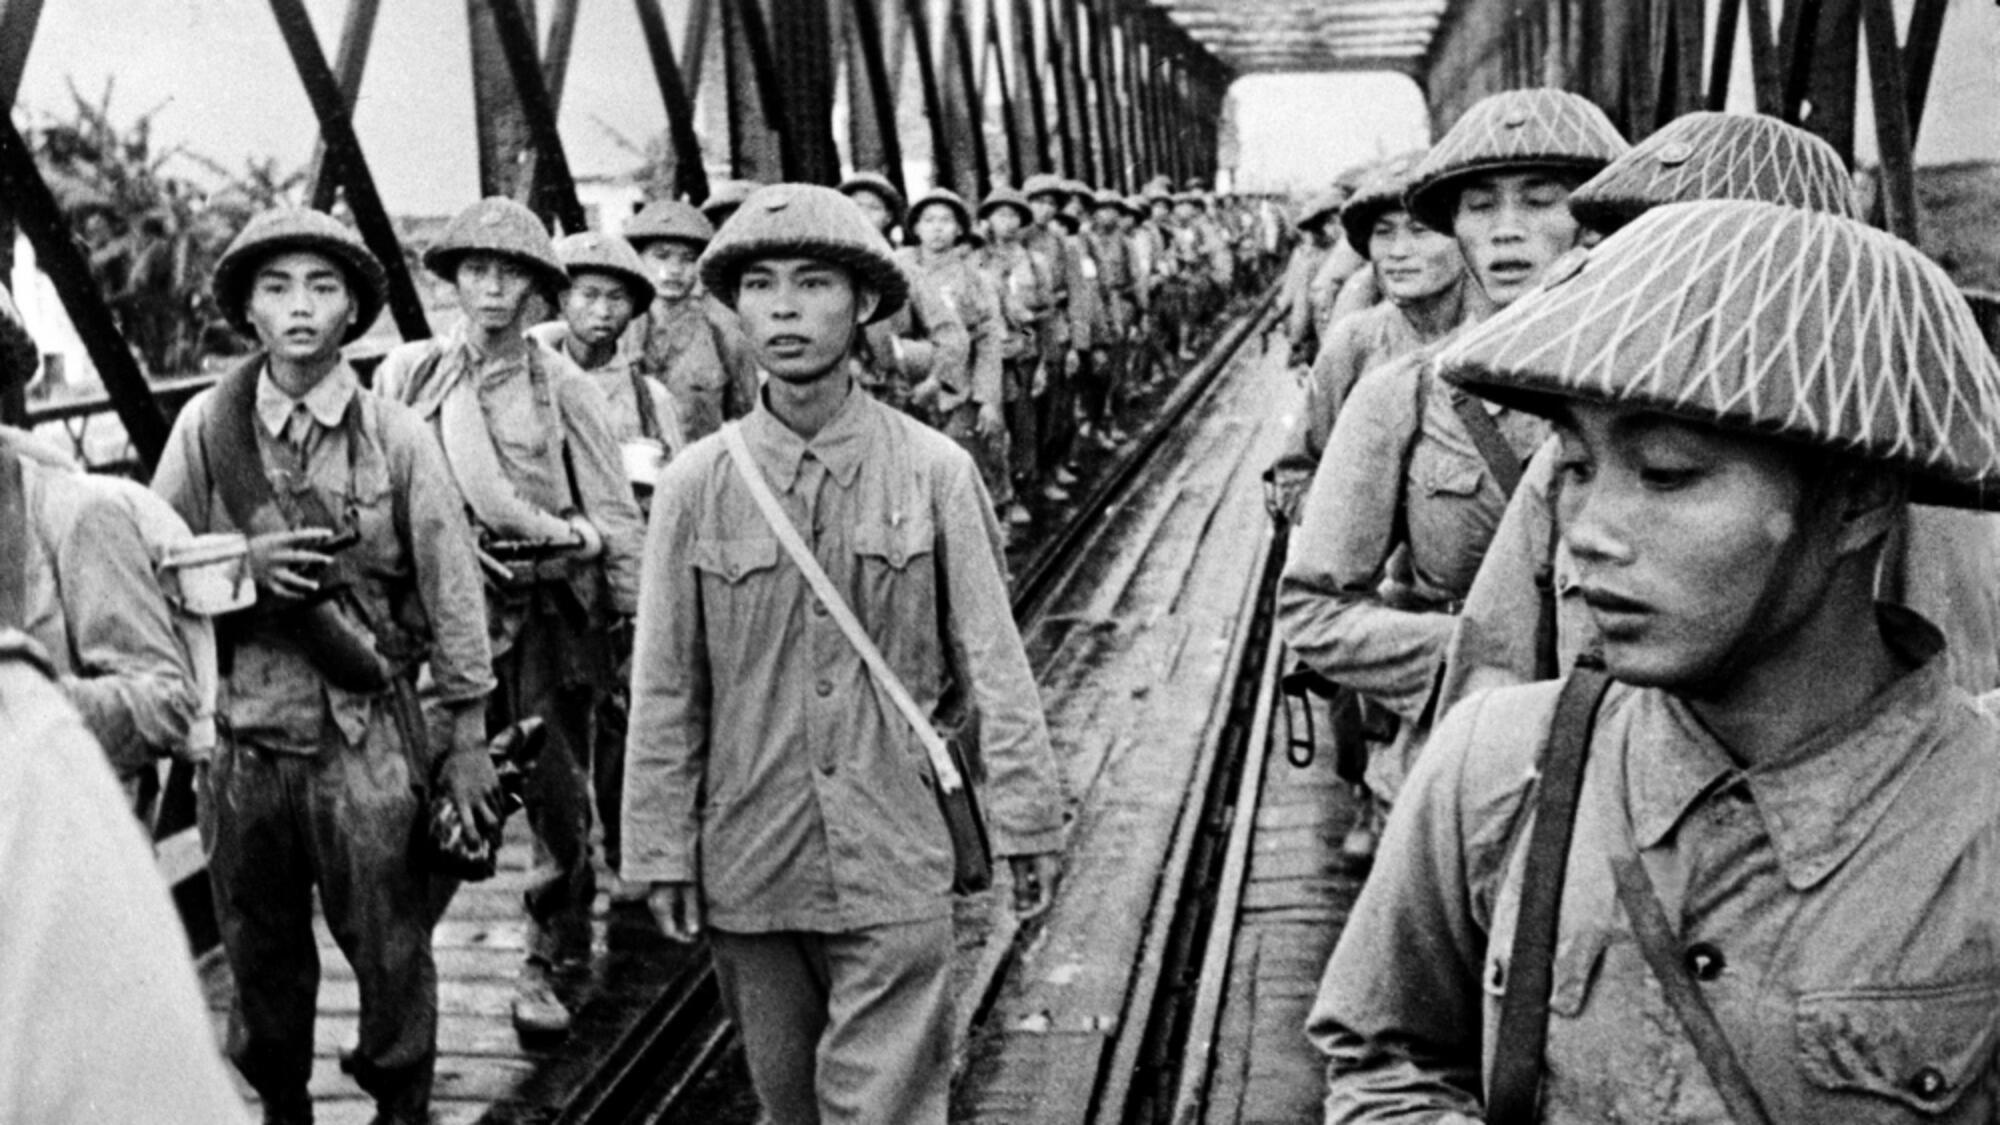 Chiến tranh Đông Dương : Lực lượng Việt Minh trên cầu Long Biên-Hà Nội. Ảnh ngày 12/10/1954.